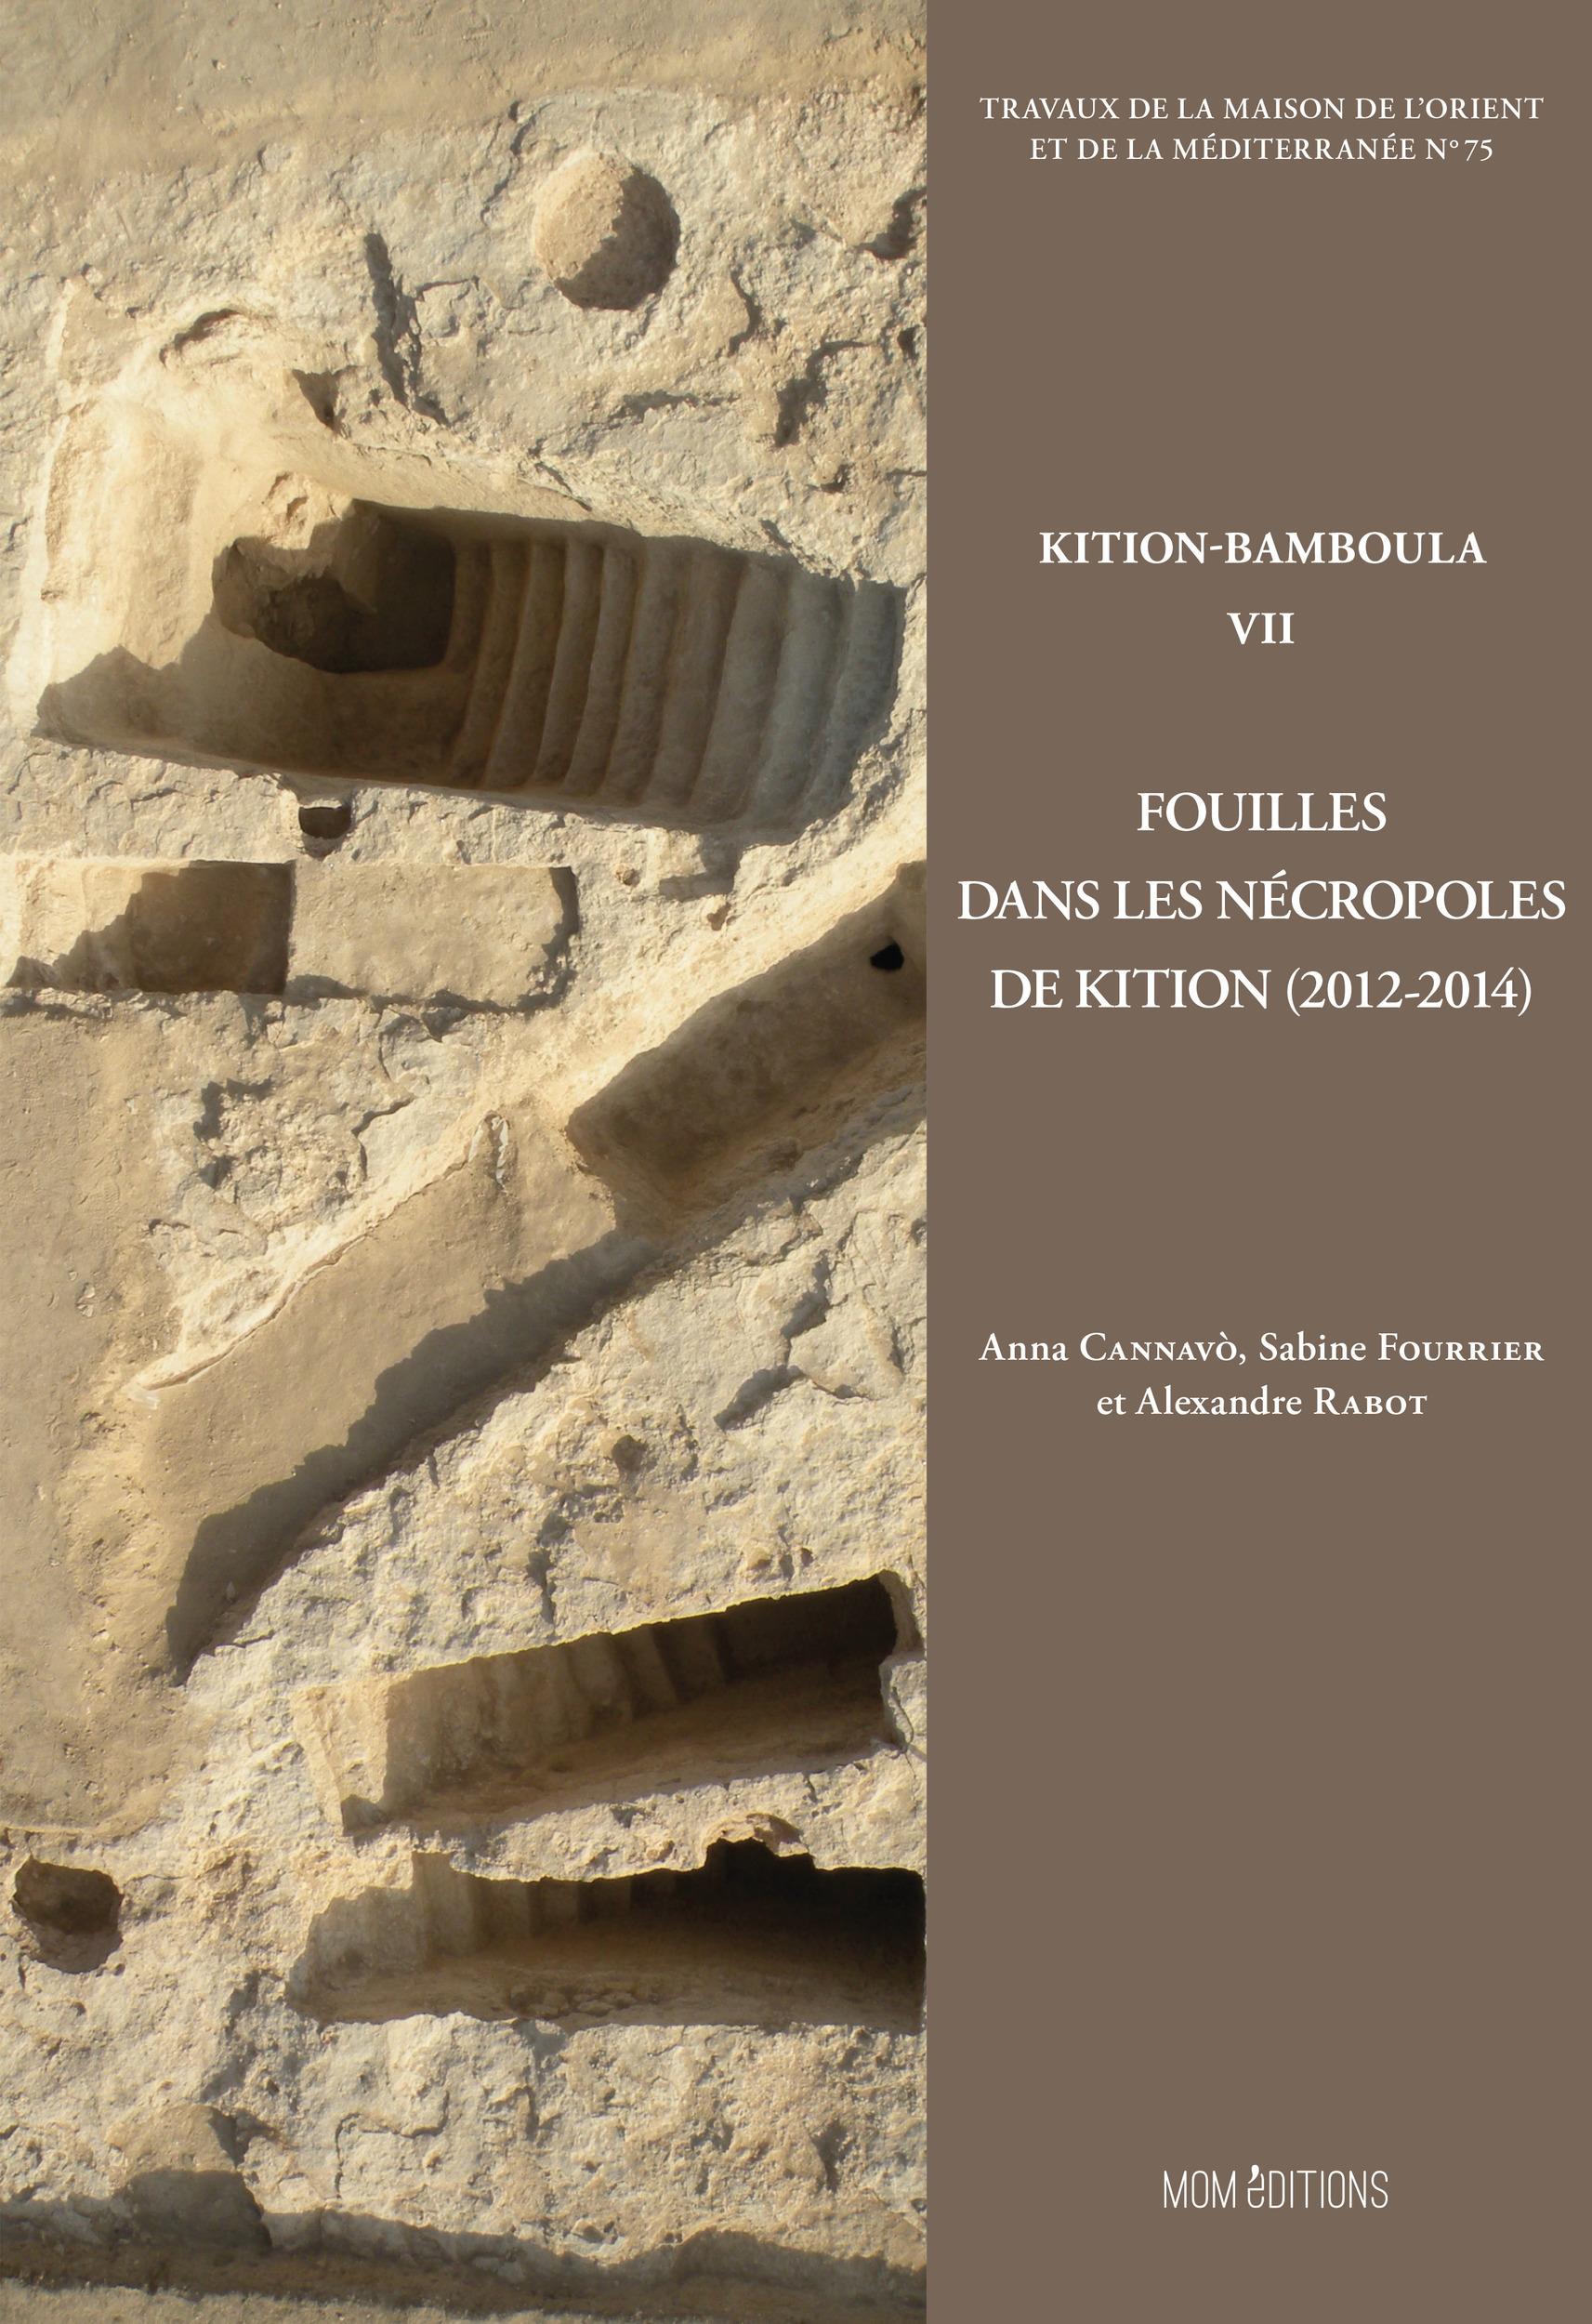 Kition-bamboula vii. fouilles dans les necropoles de kition  (2012-2014)